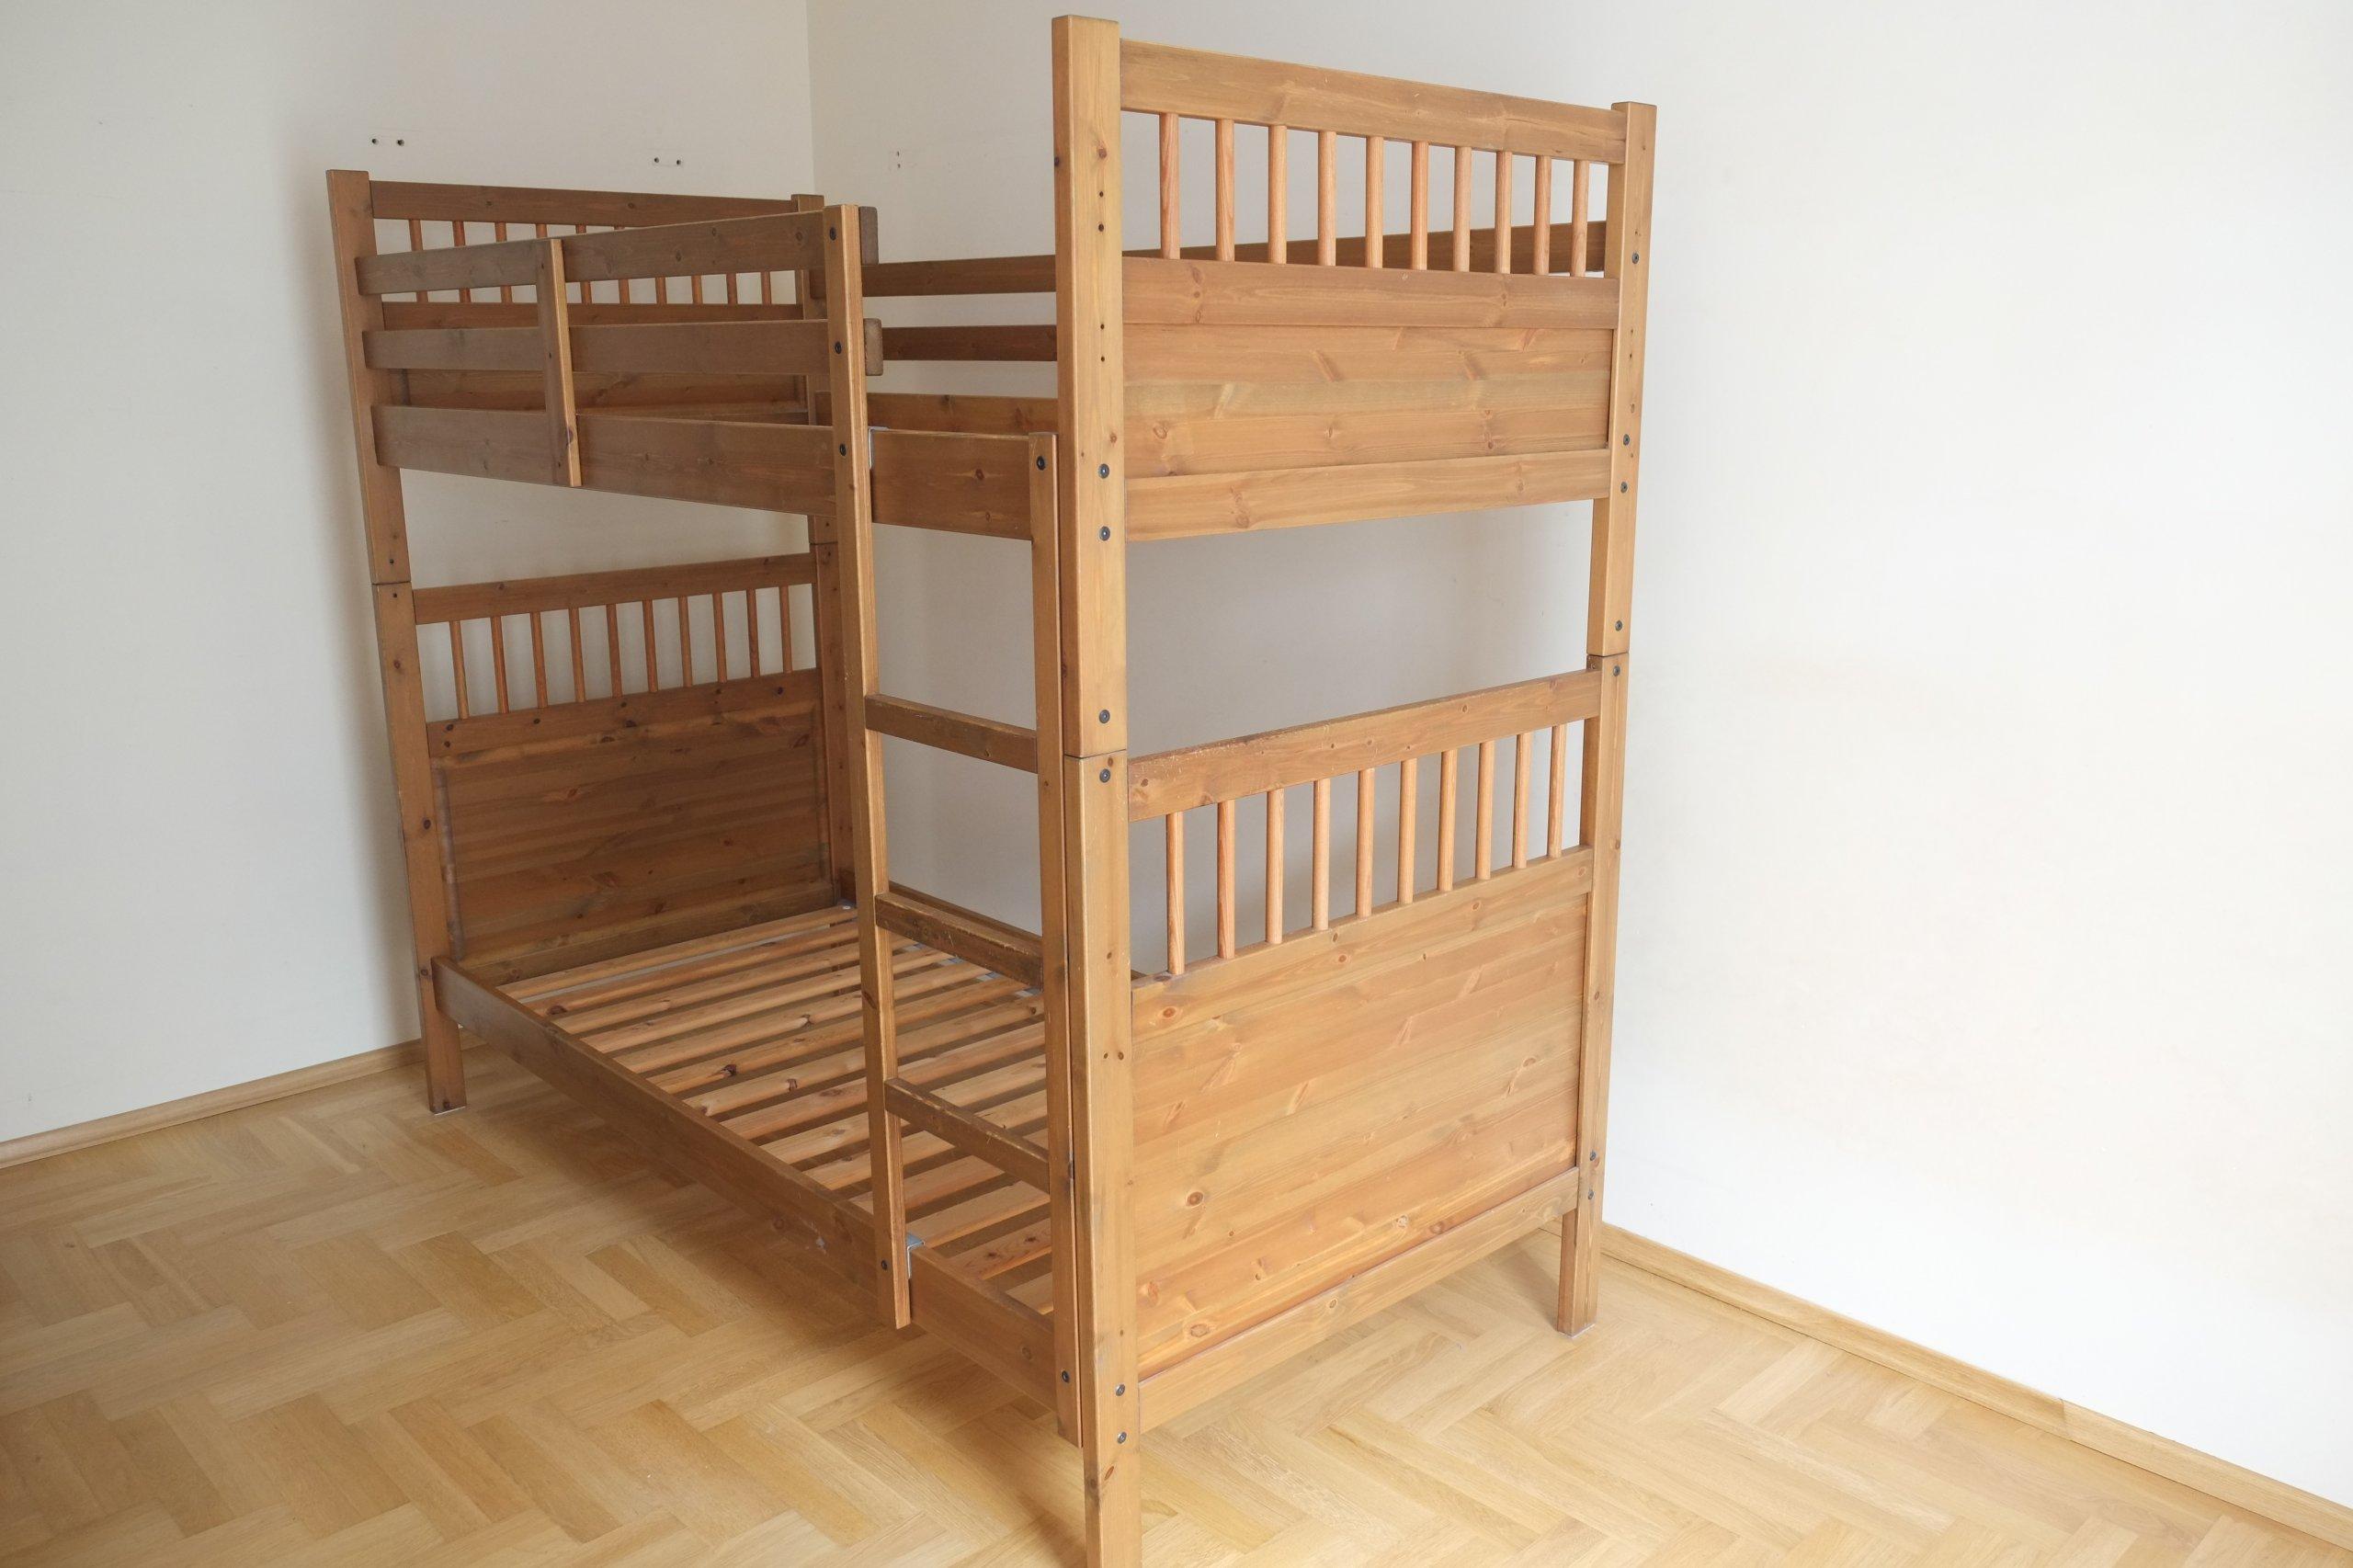 Cudowna Łóżko piętrowe IKEA .. drewniane.. W-wa - 7078401506 - oficjalne TW69